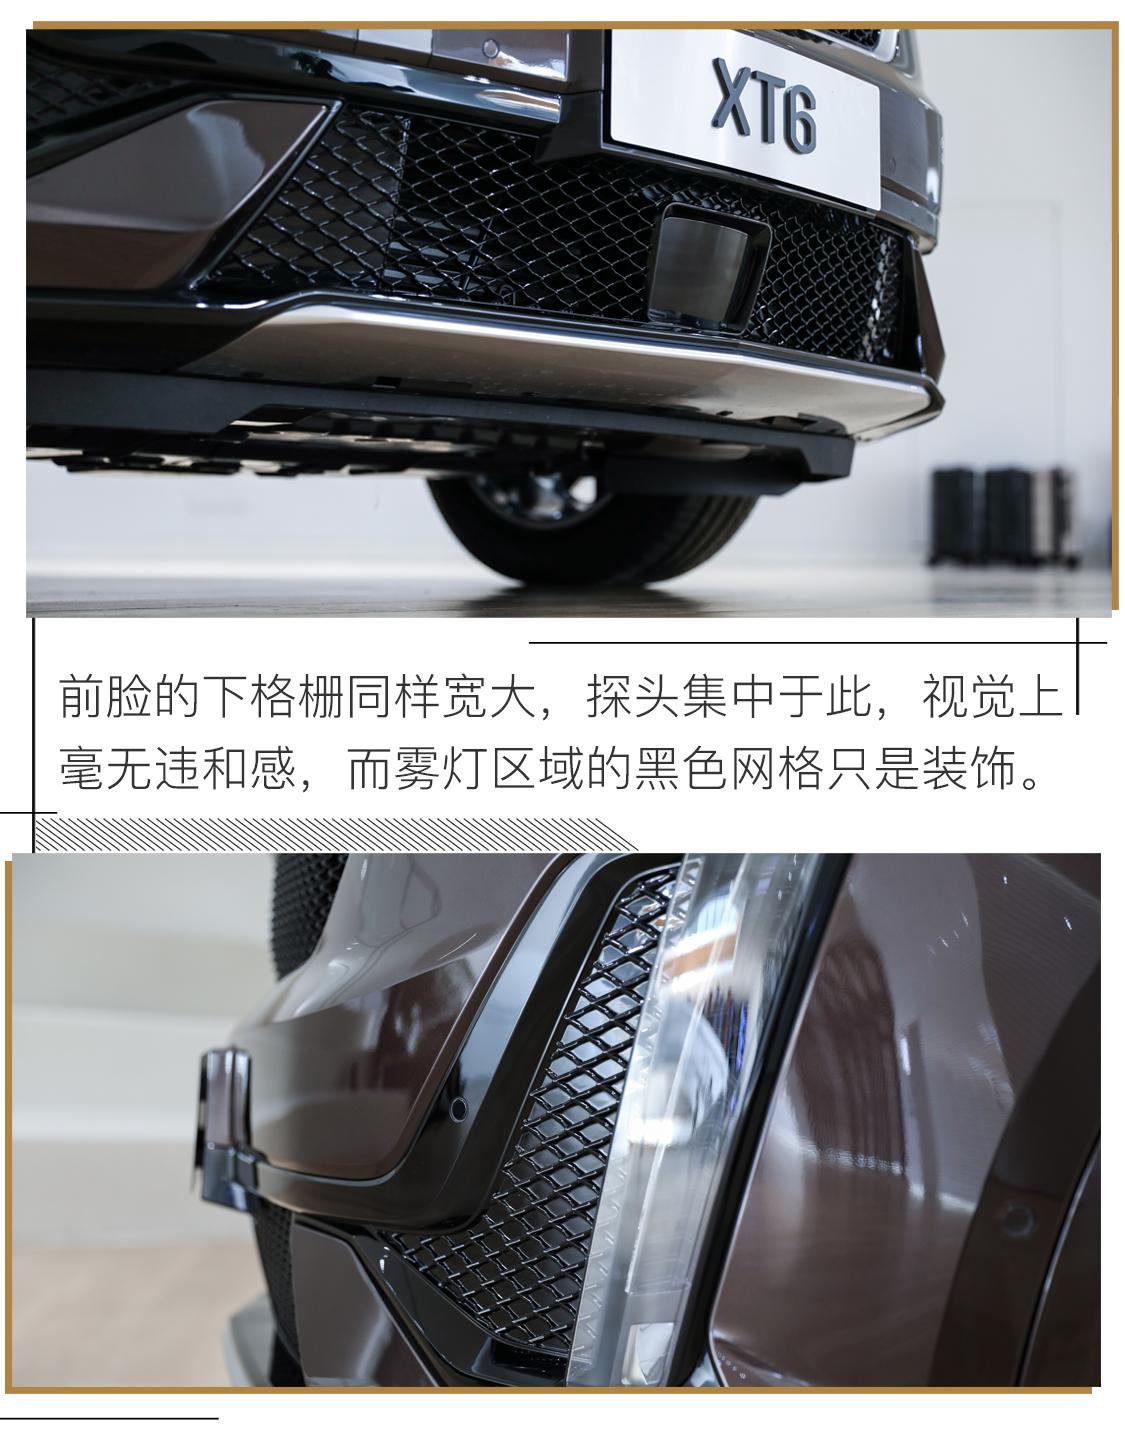 实拍全新凯迪拉克XT6 把美式豪华做到极致